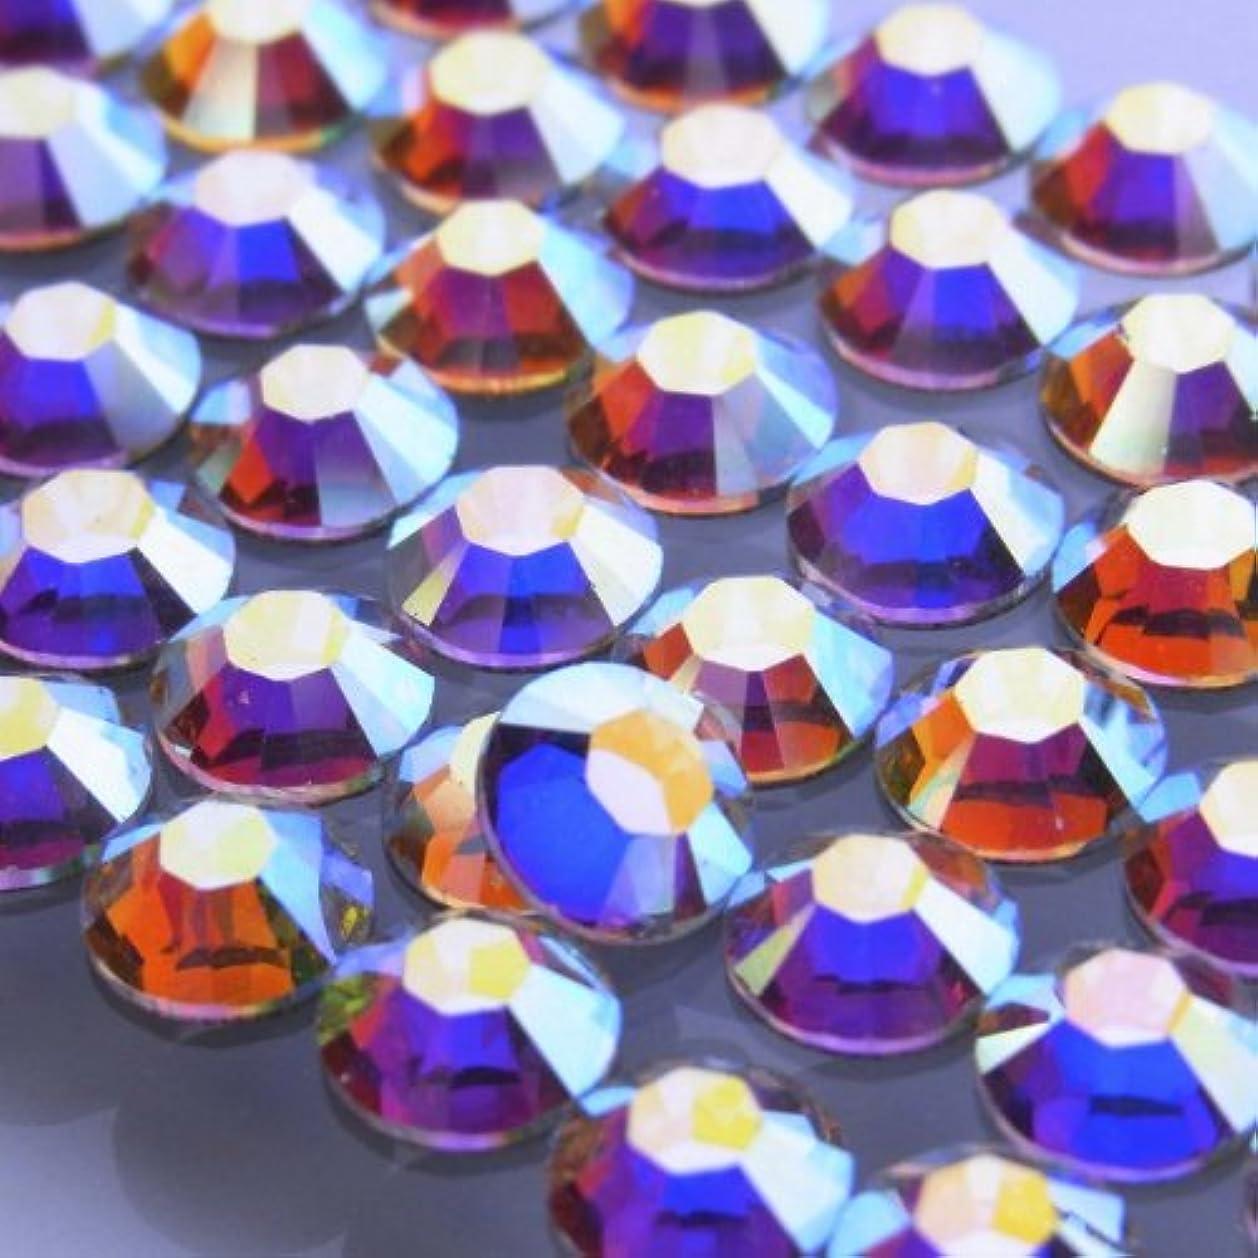 対抗大通り宴会Hotfixクリスタルオーロラss12(50粒入り)スワロフスキーラインストーンホットフィックス